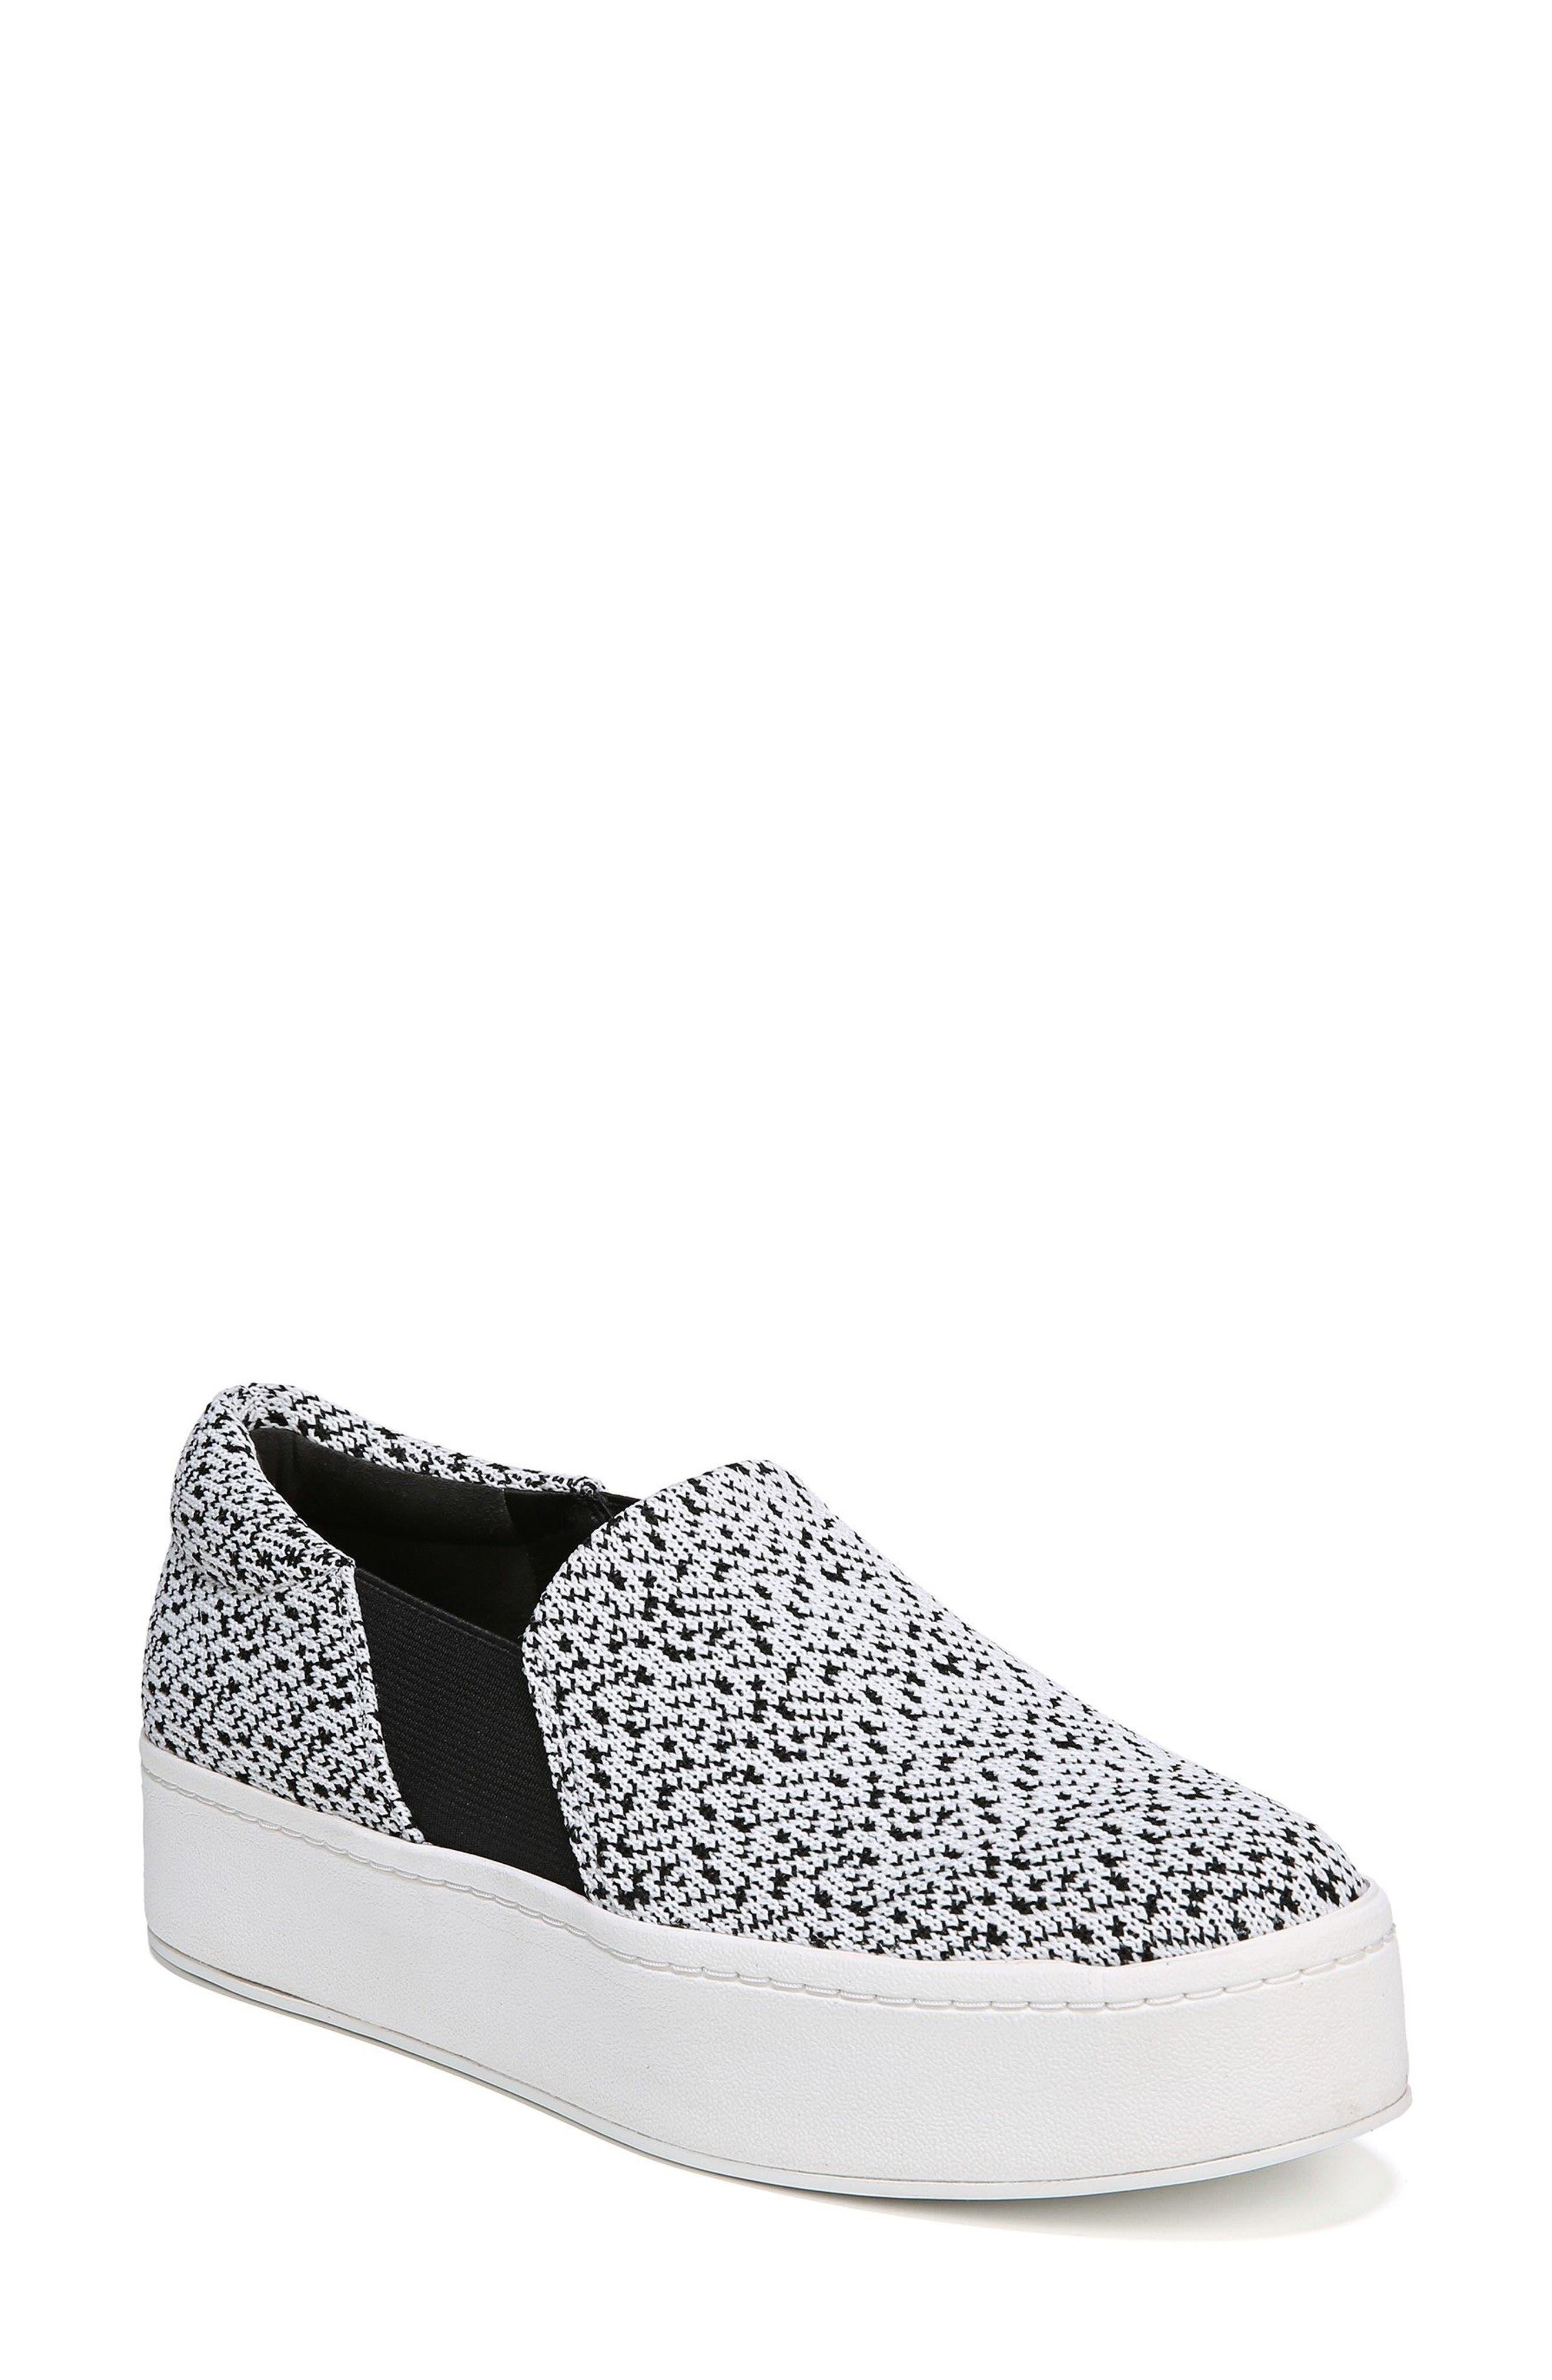 Warren Slip-On Sneaker,                         Main,                         color, WHITE/ BLACK